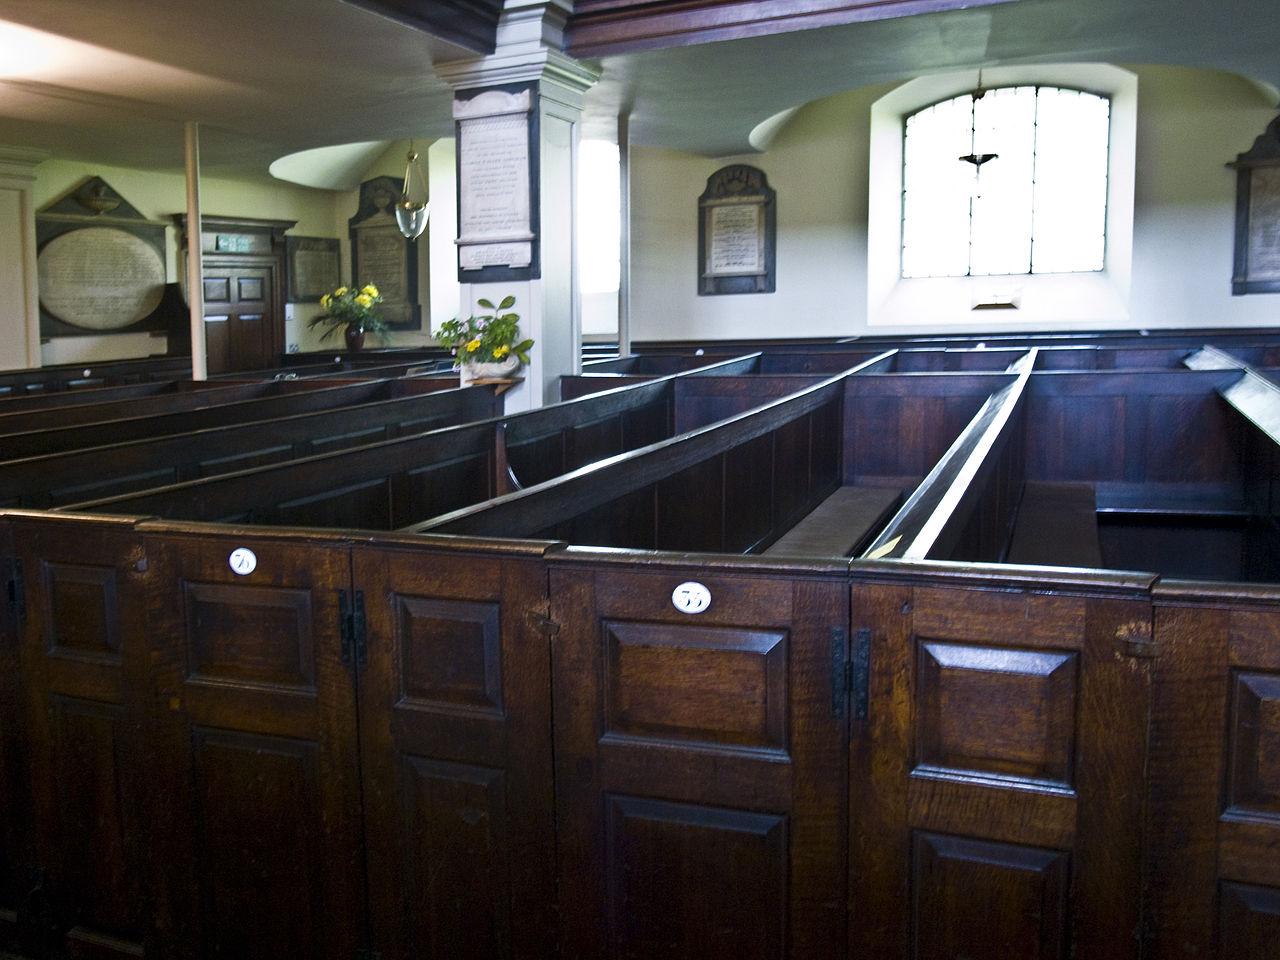 โบสถ์เซนต์ปอล-ที่นั่ง